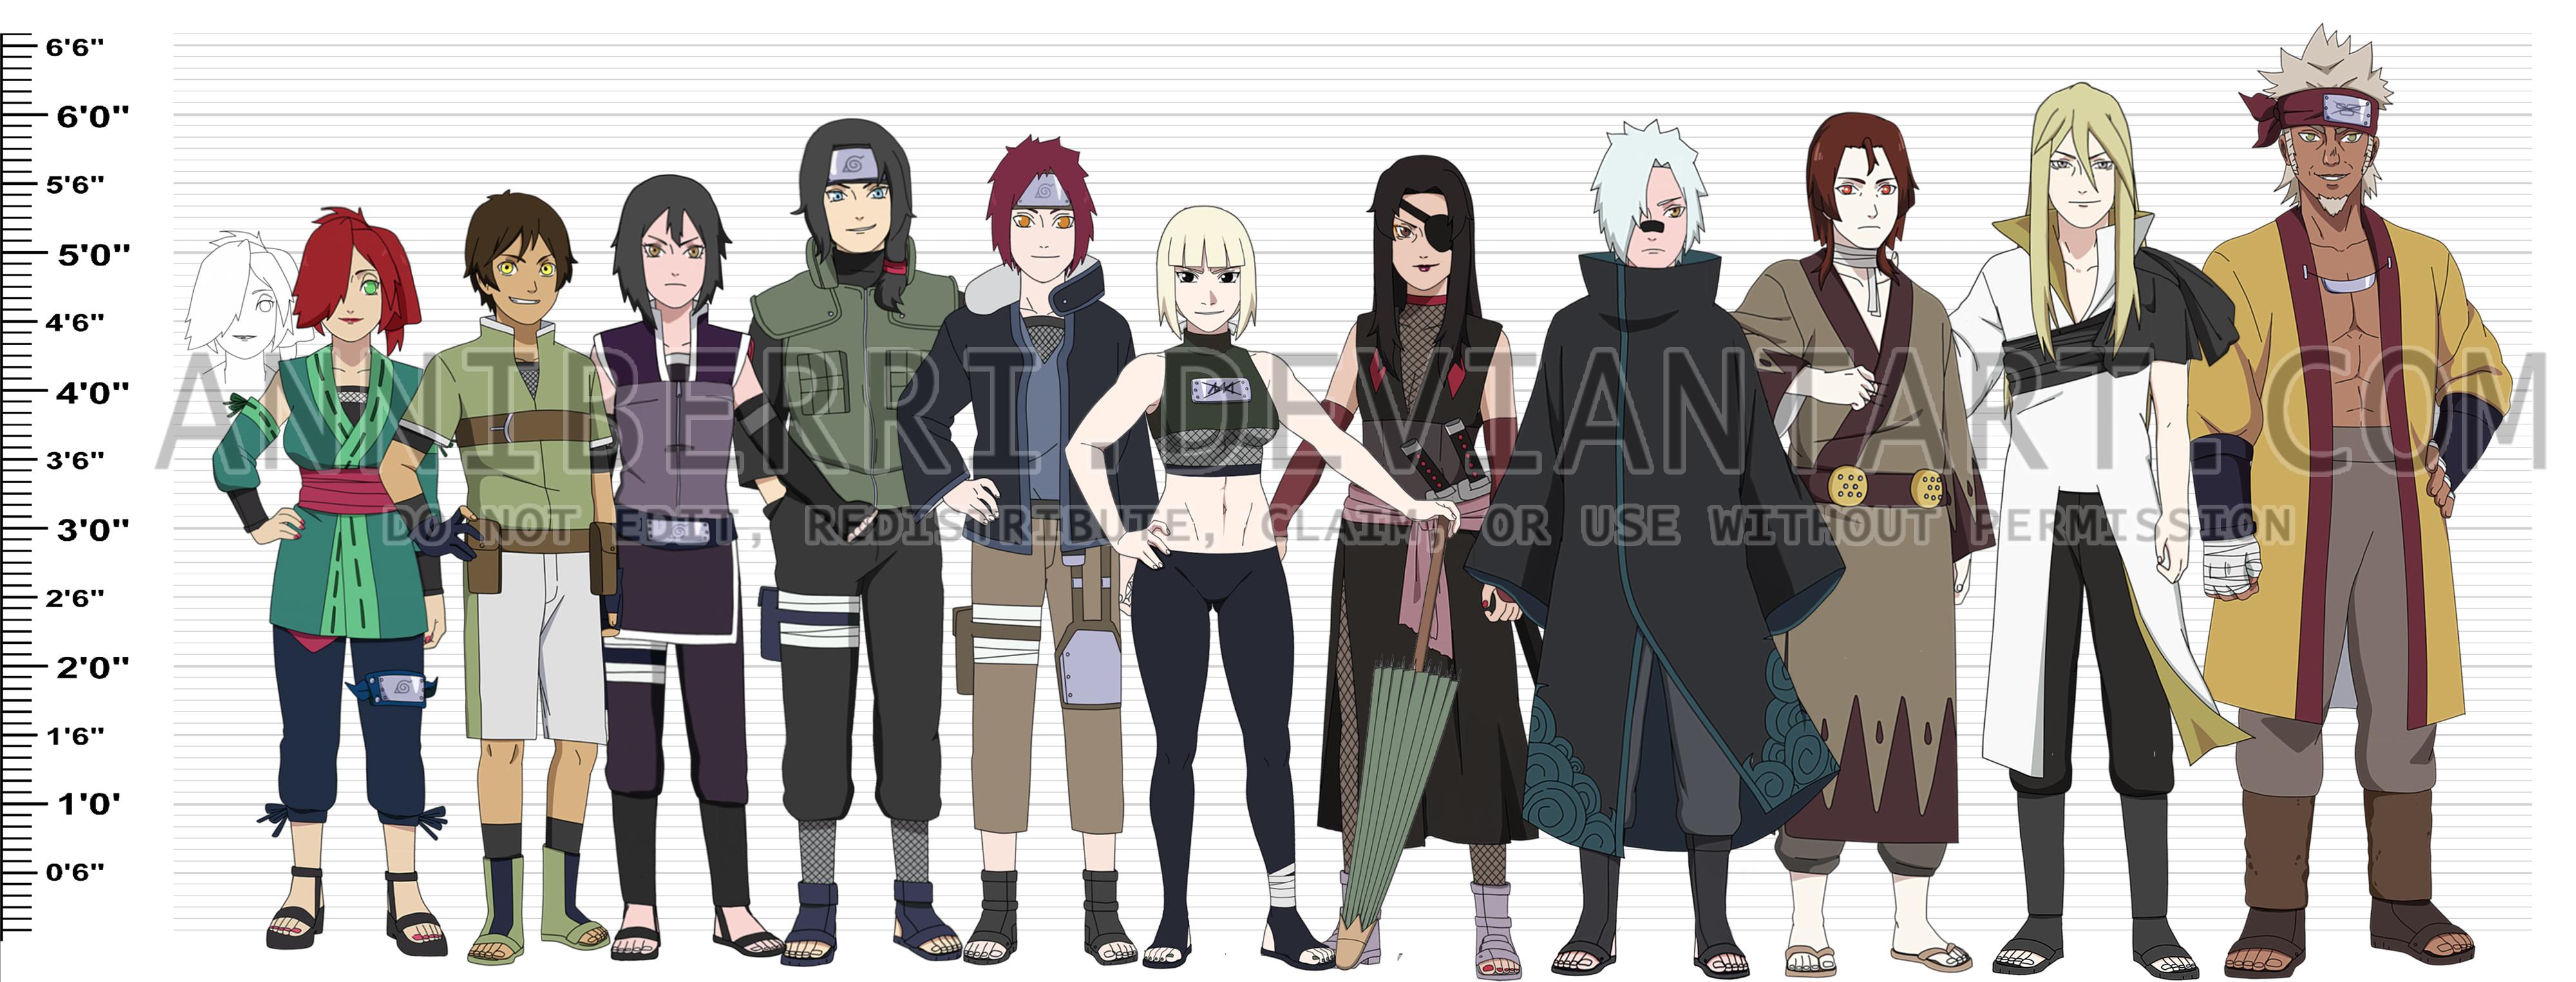 -REMAKE- Naruto OC Height Chart by anniberri